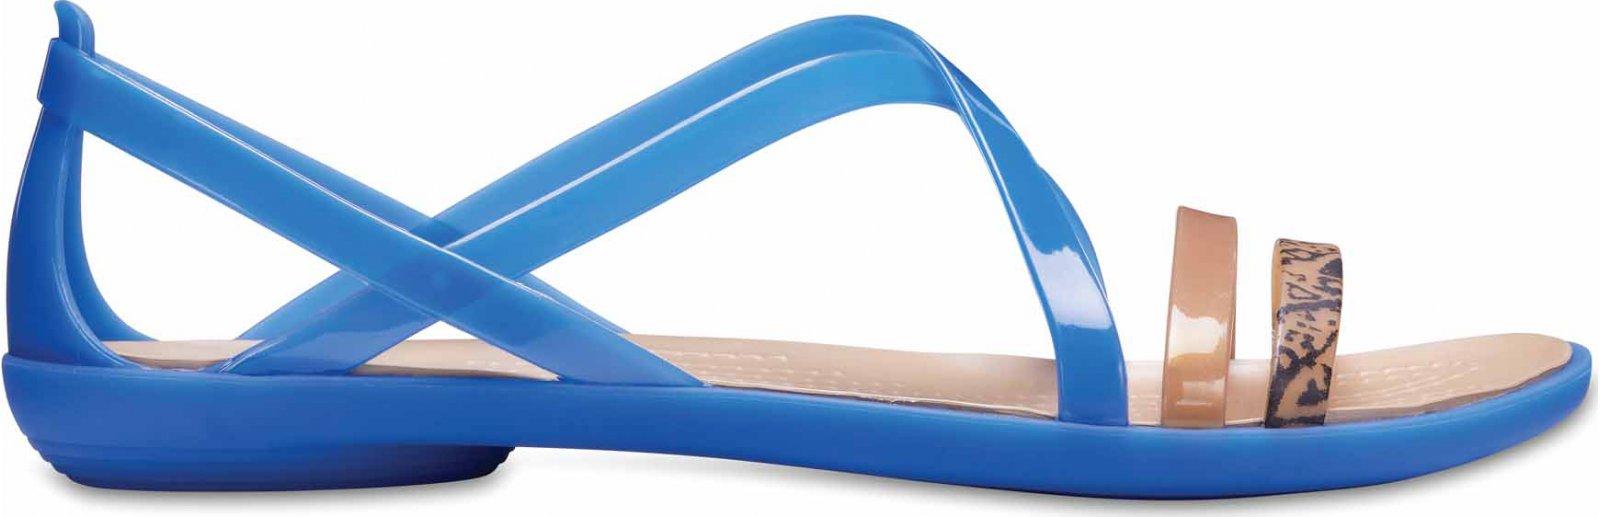 405a32b9a06d Crocs Isabella Strappy modré zlaté - Srovnejte ceny!